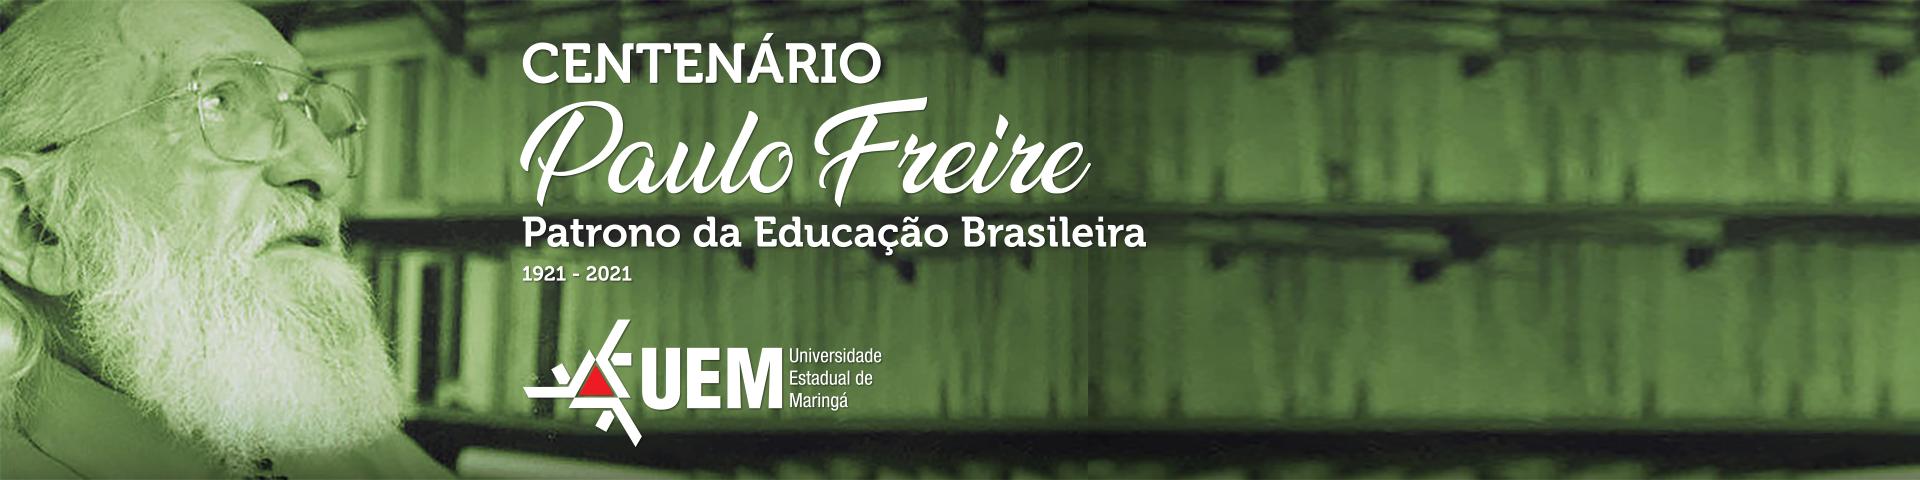 patrono da educação brasileira